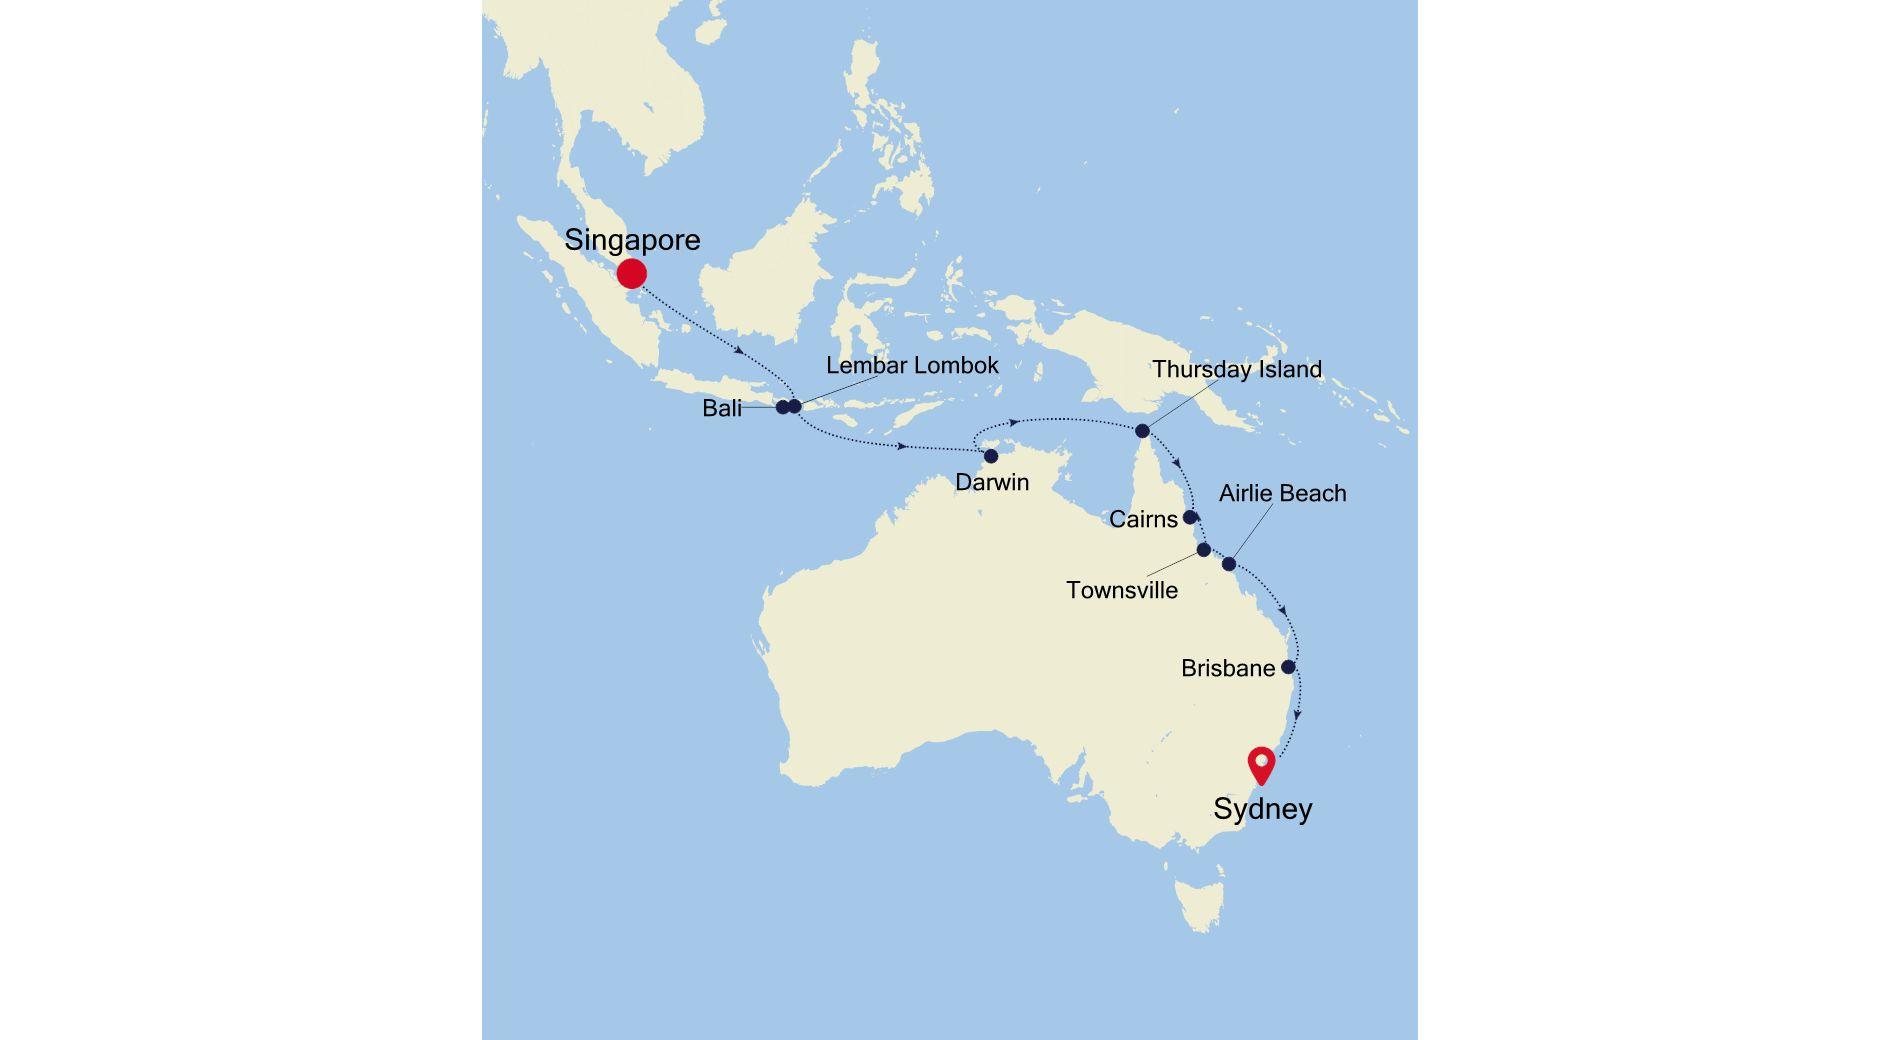 SM211129018 - Singapore nach Sydney